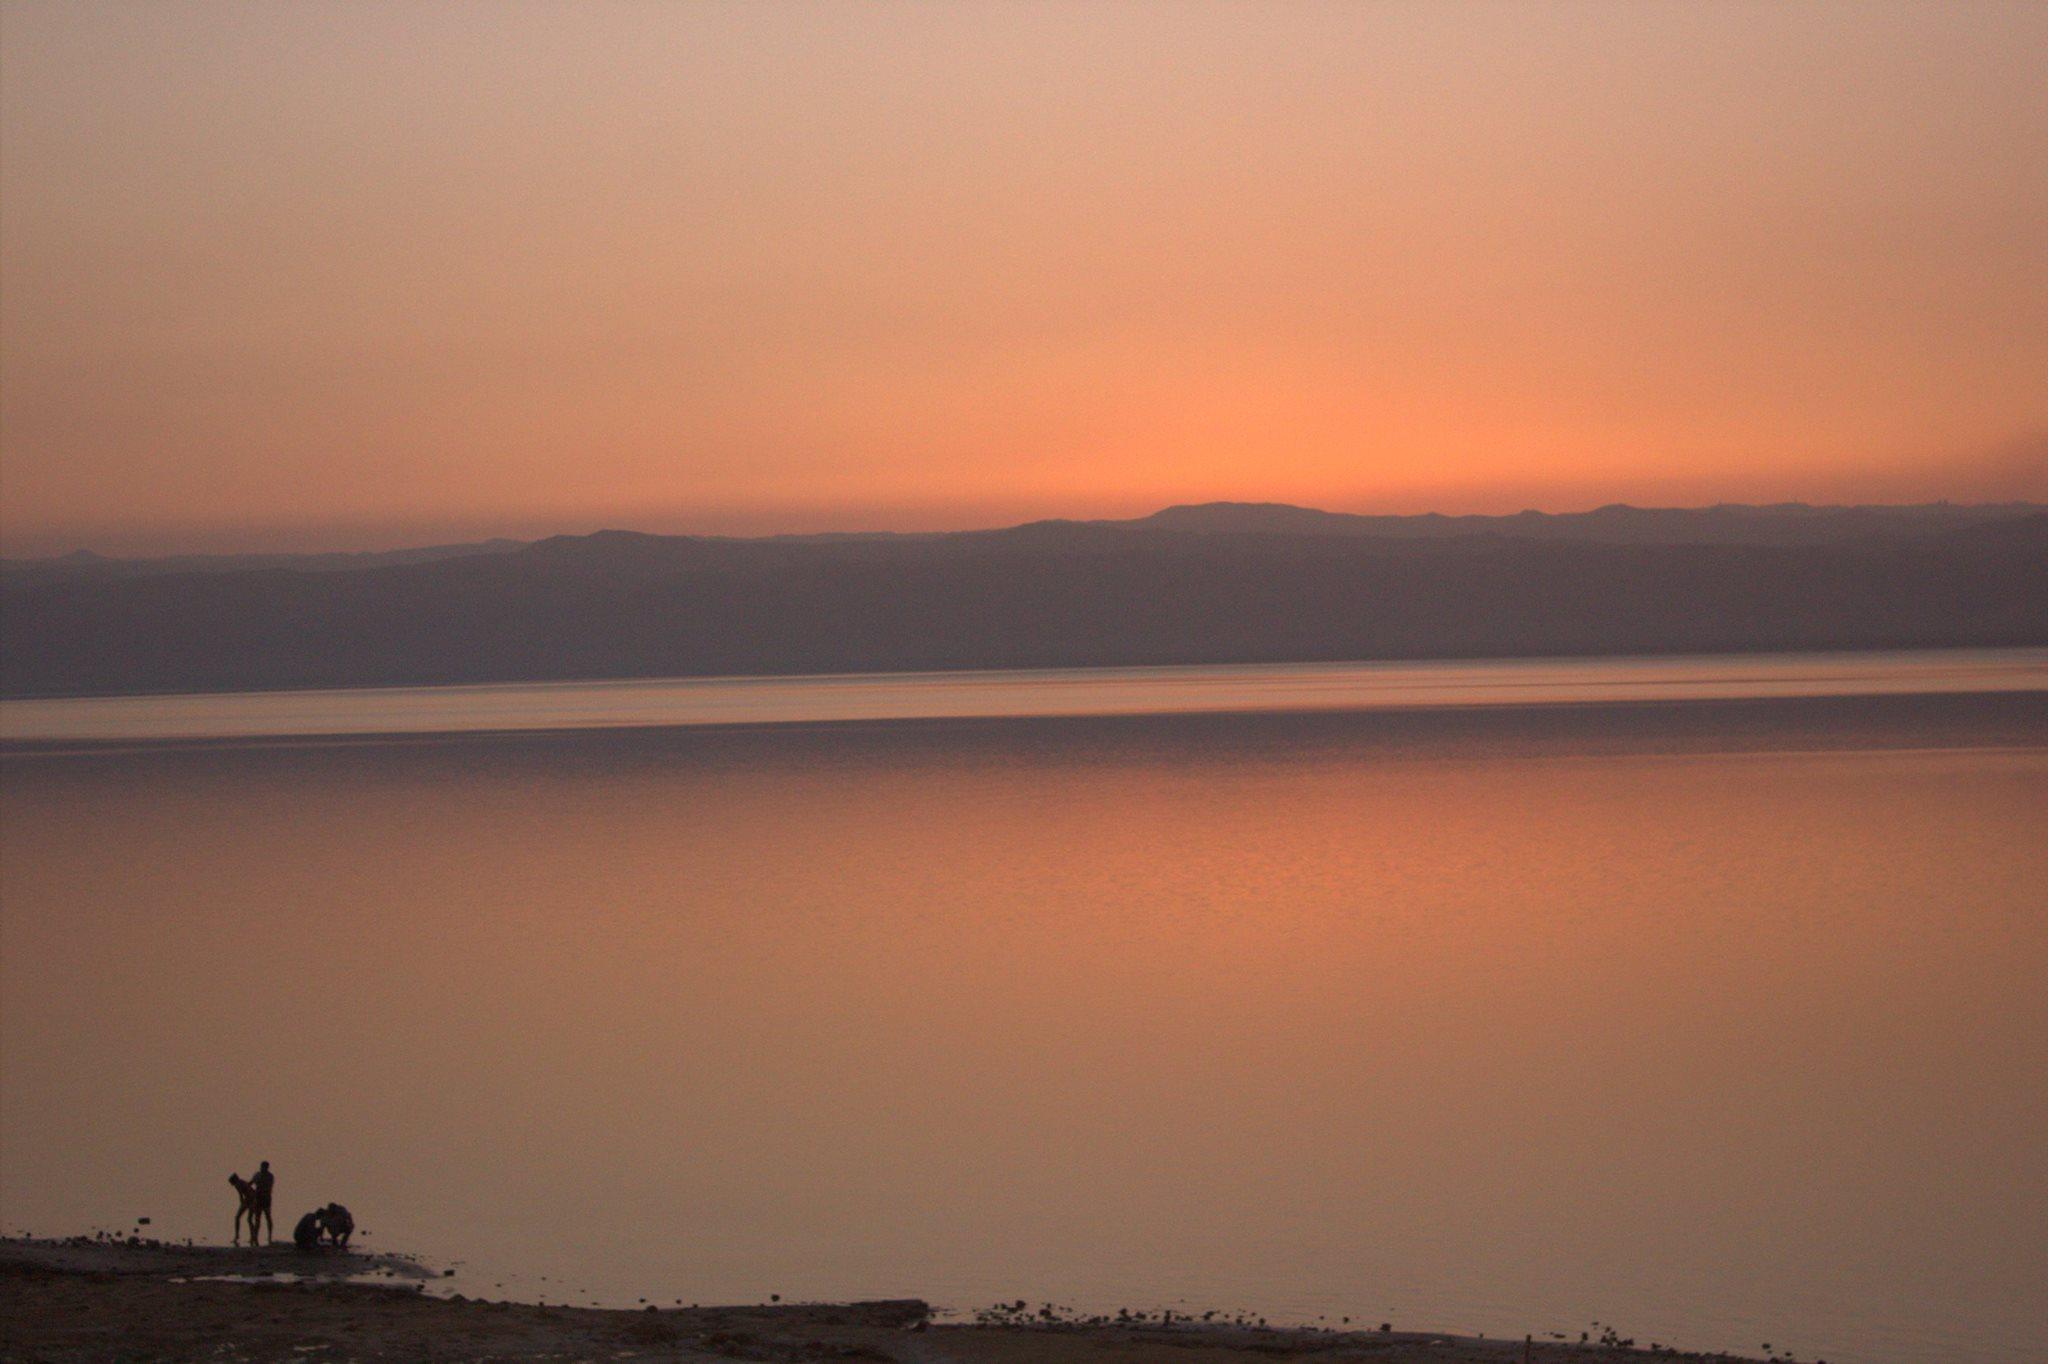 #Jordantourism #Deadsea